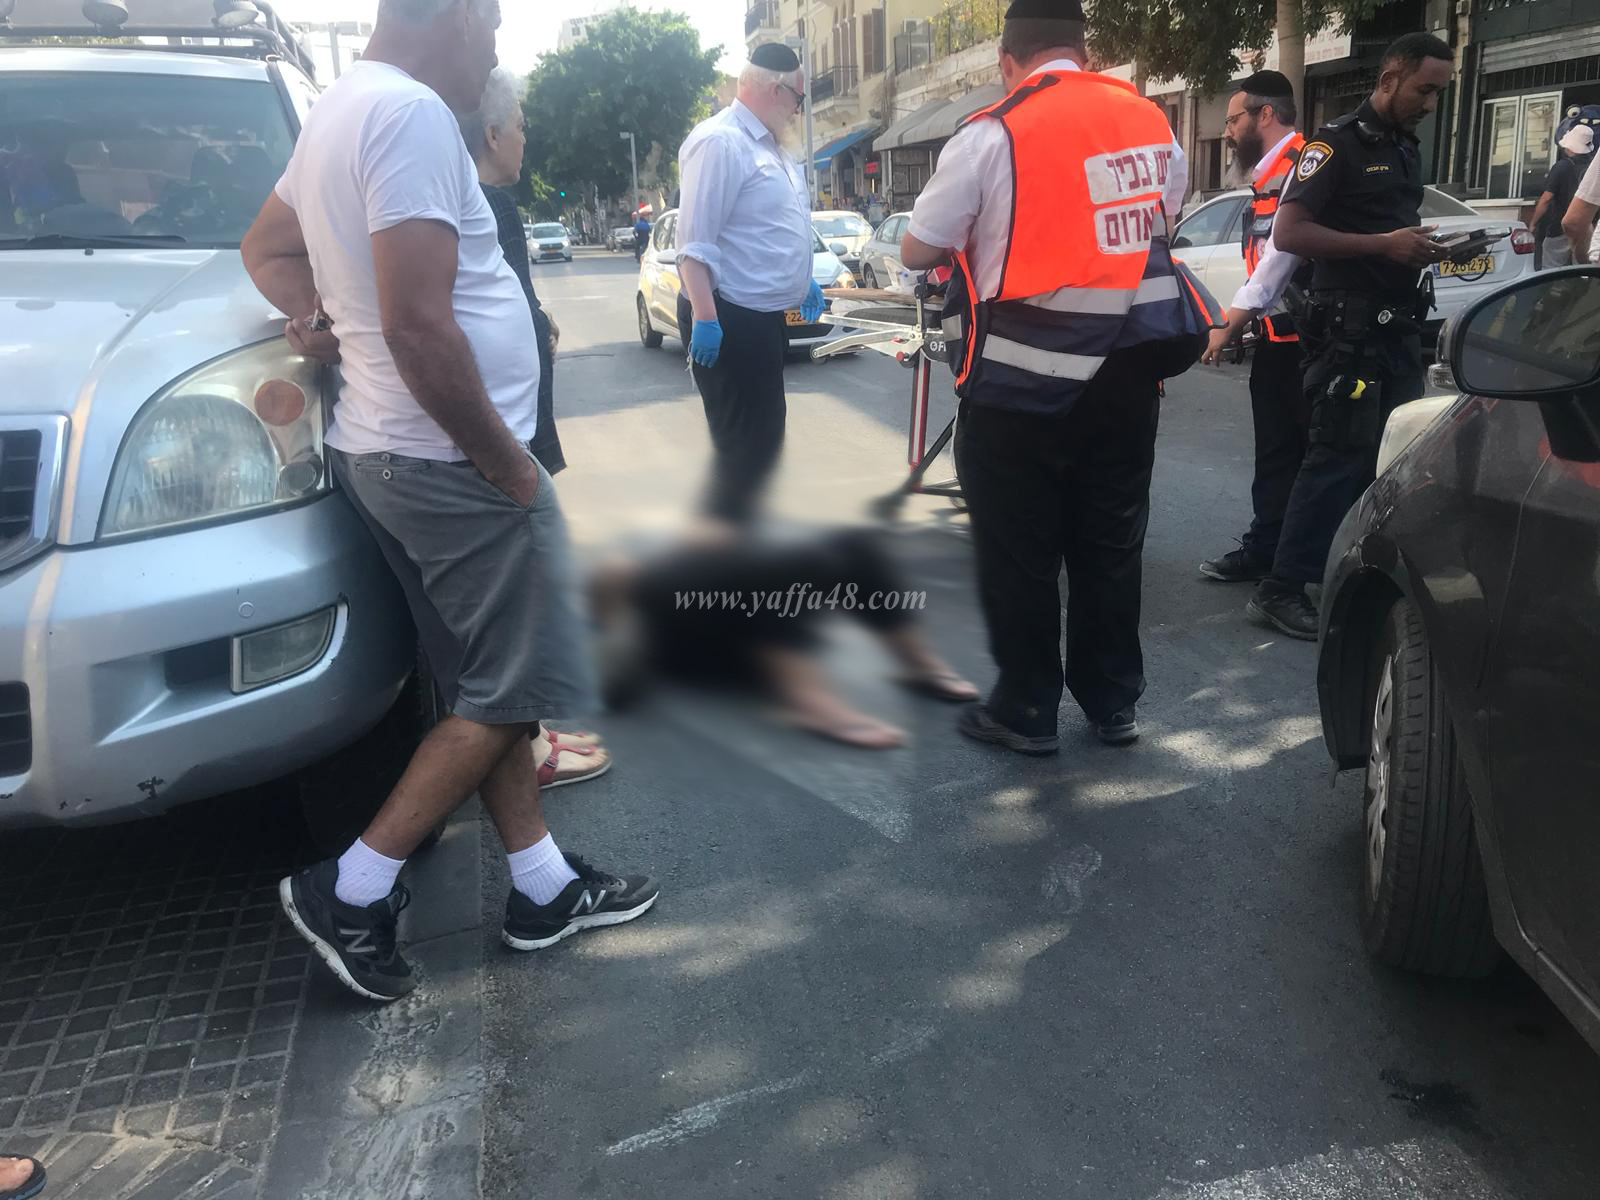 بالصور: اصابة متوسطة لسيدة بحادث دهس في يافا